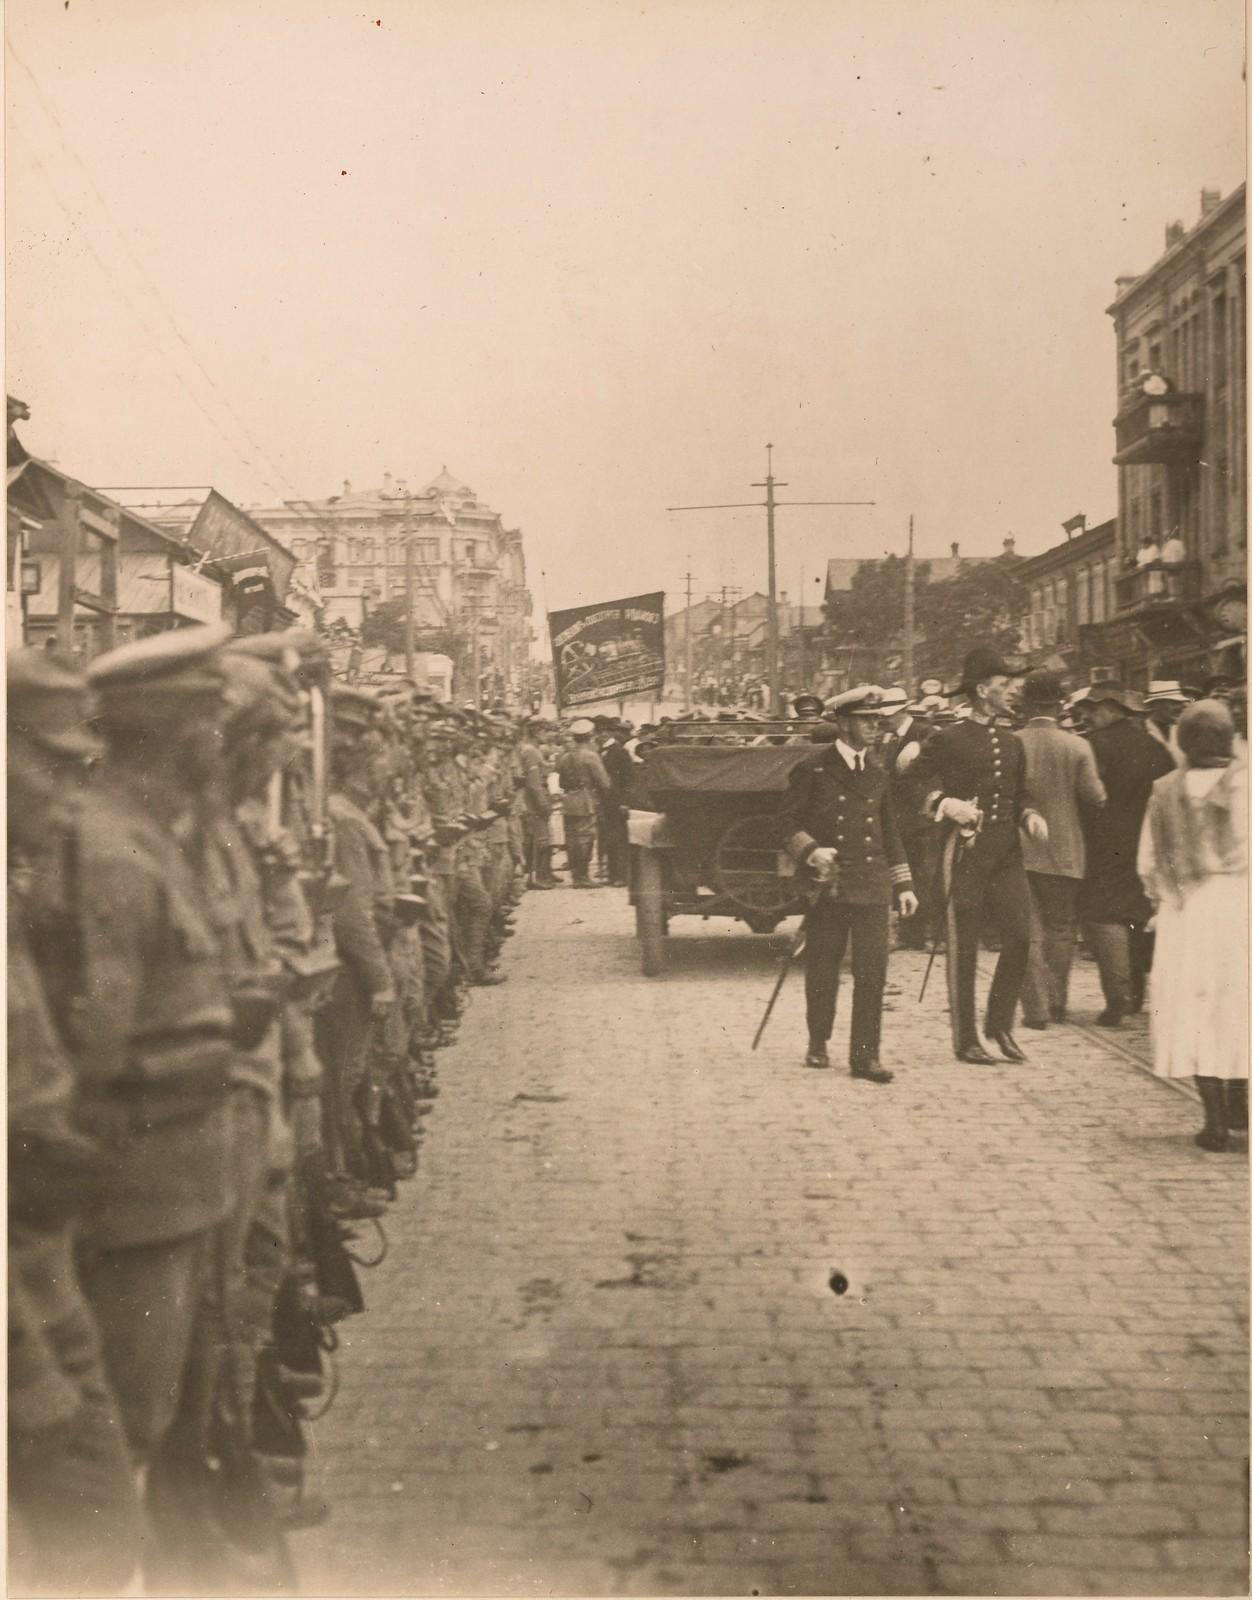 1918. Британские солдаты и матросы прибыли во Владивосток. 03.08